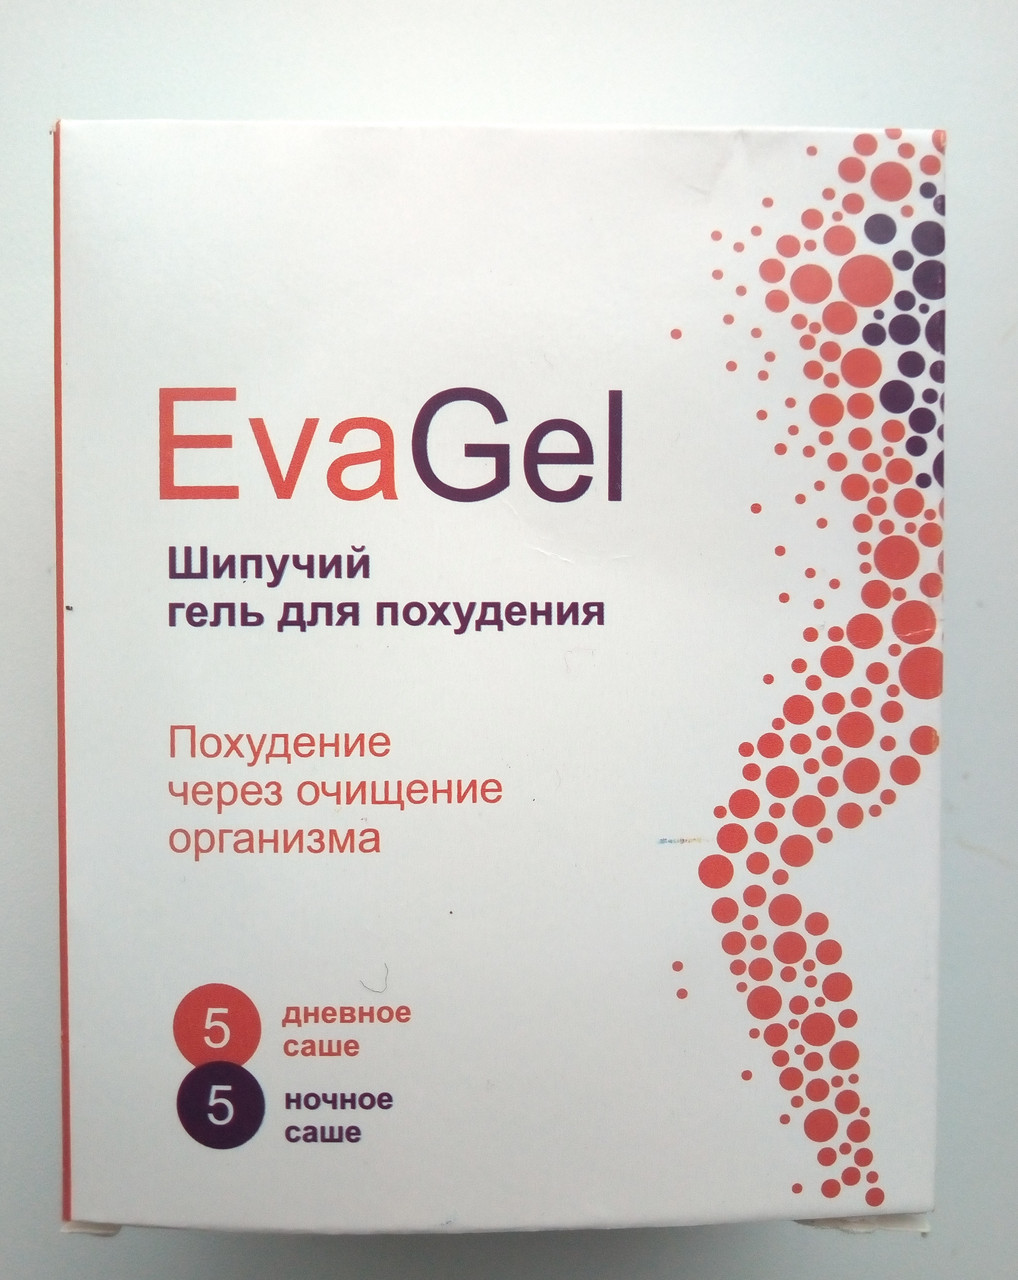 Eva Gel (Ева Гель) – двухфазный гель для похудения